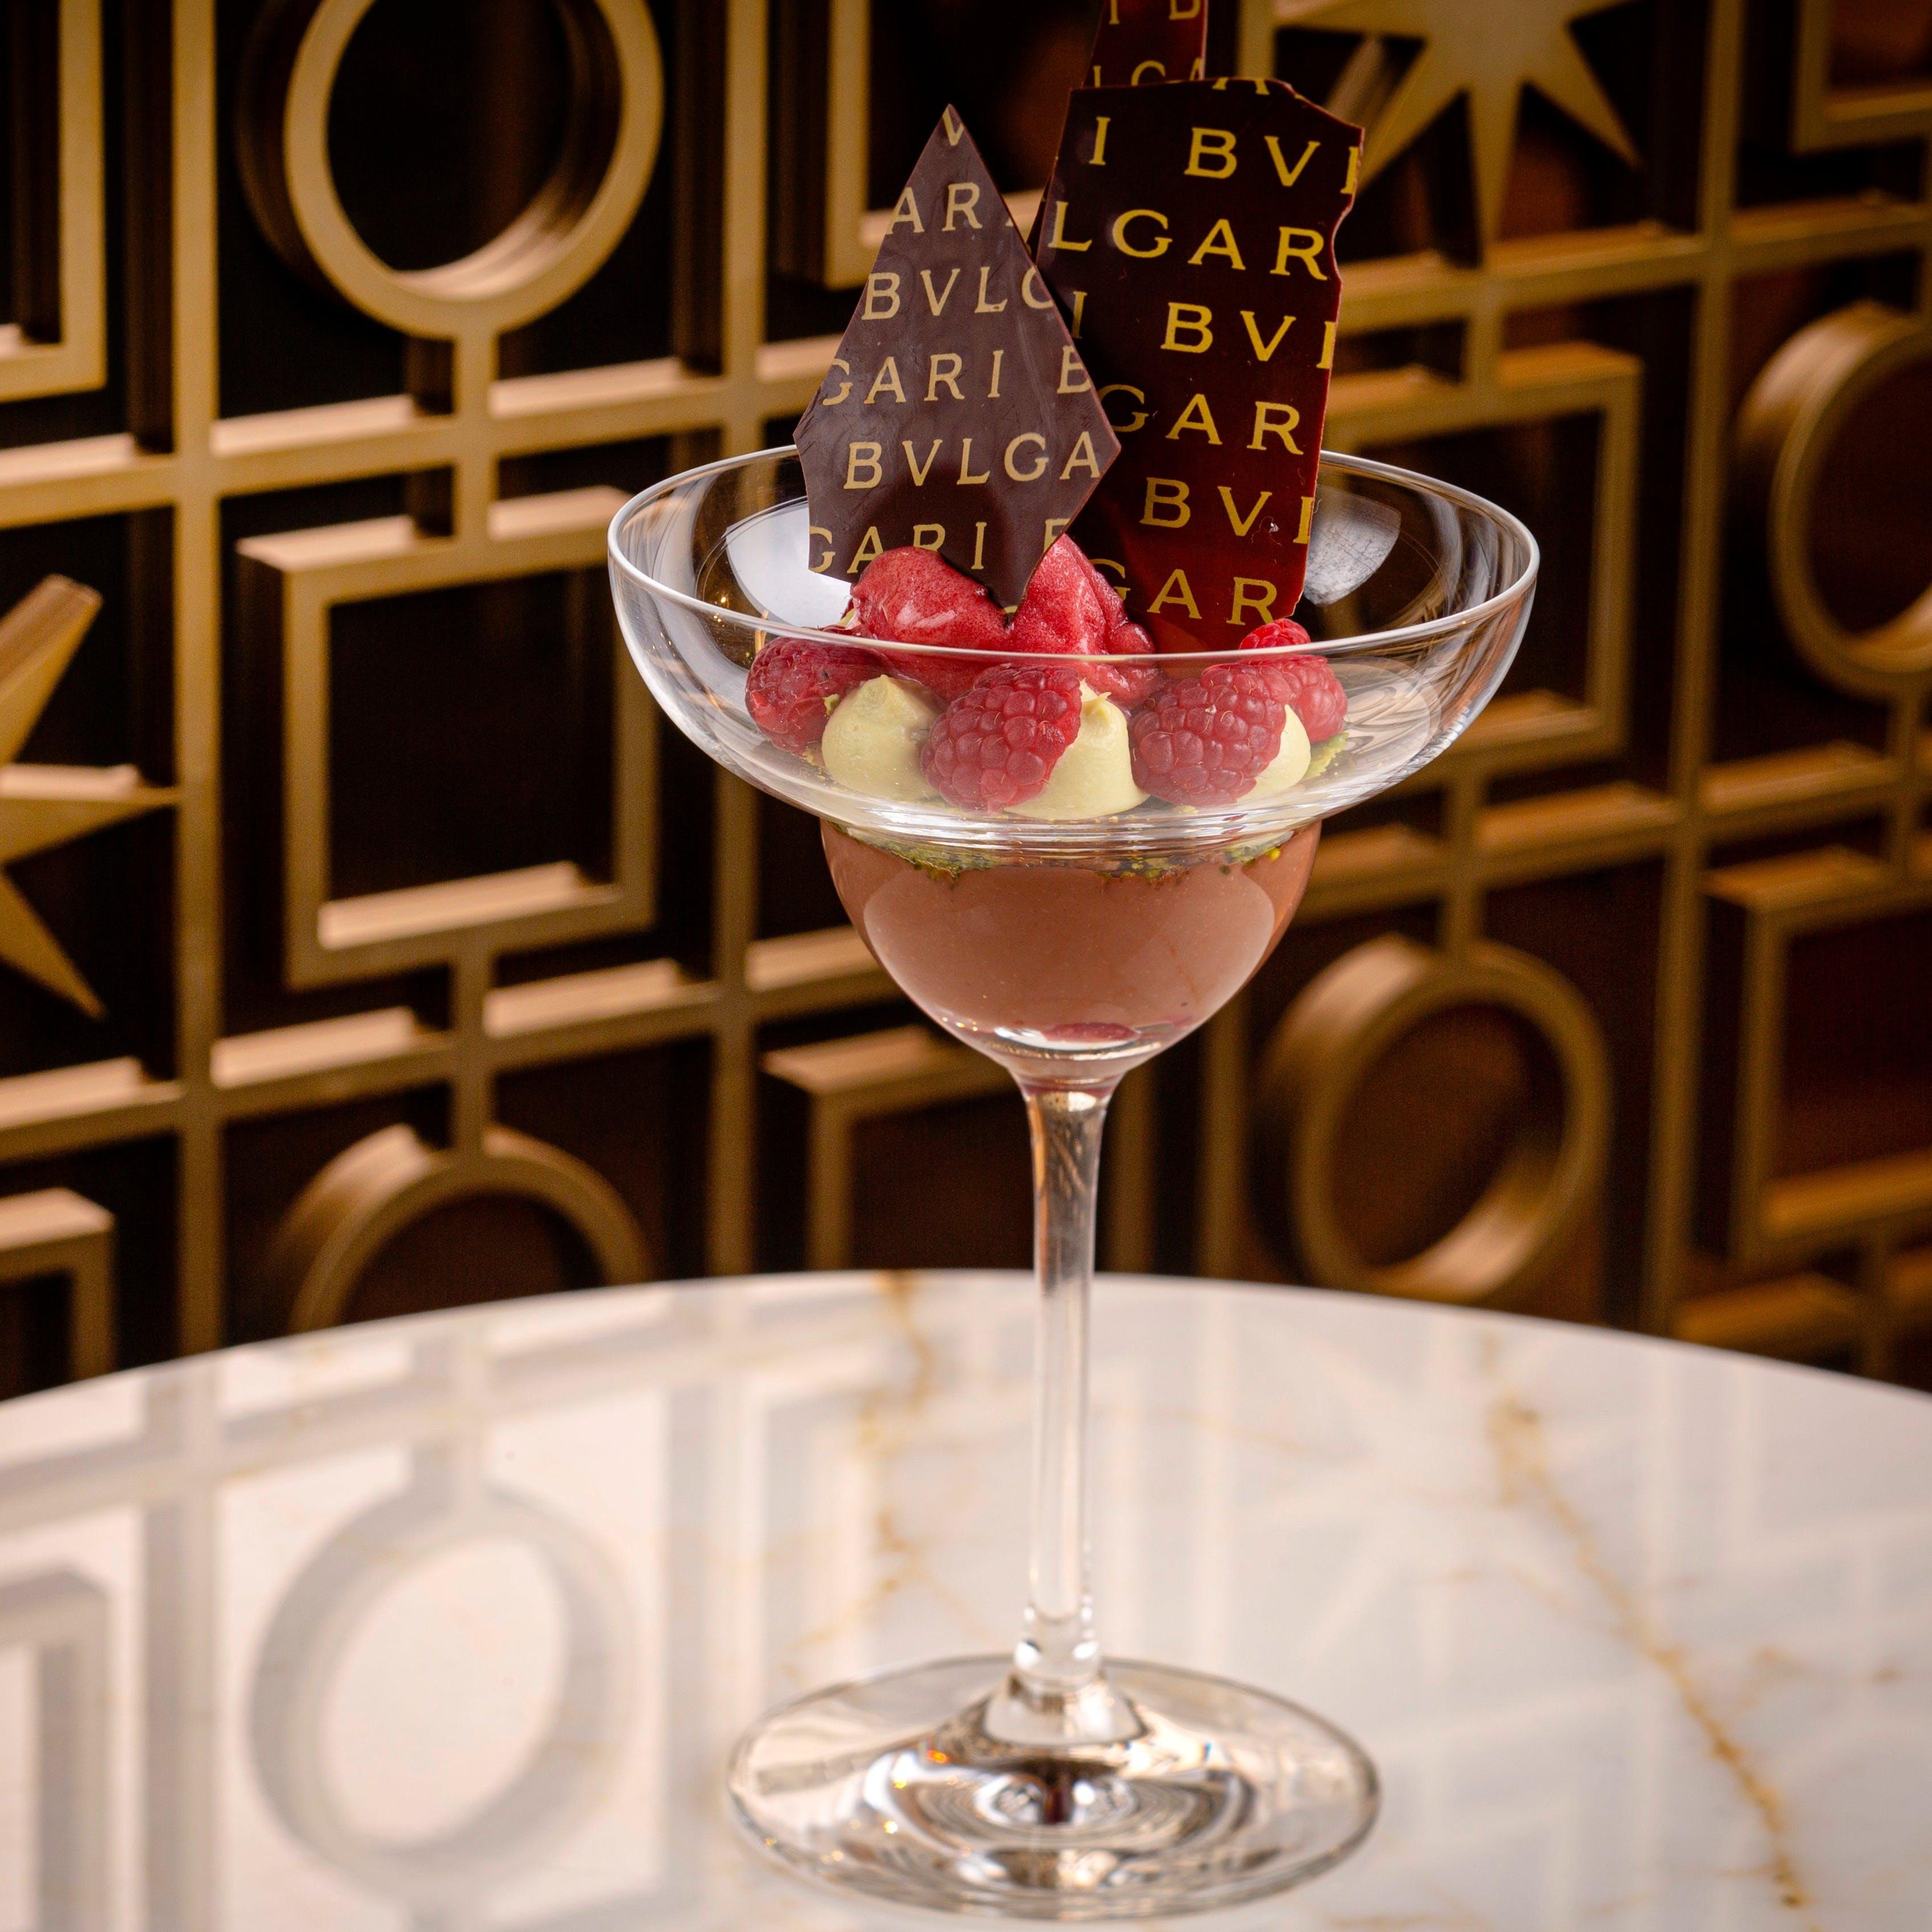 ミラノ、バリ、ロンドンのブルガリホテル同様のサービススタンダードによるおもてなし